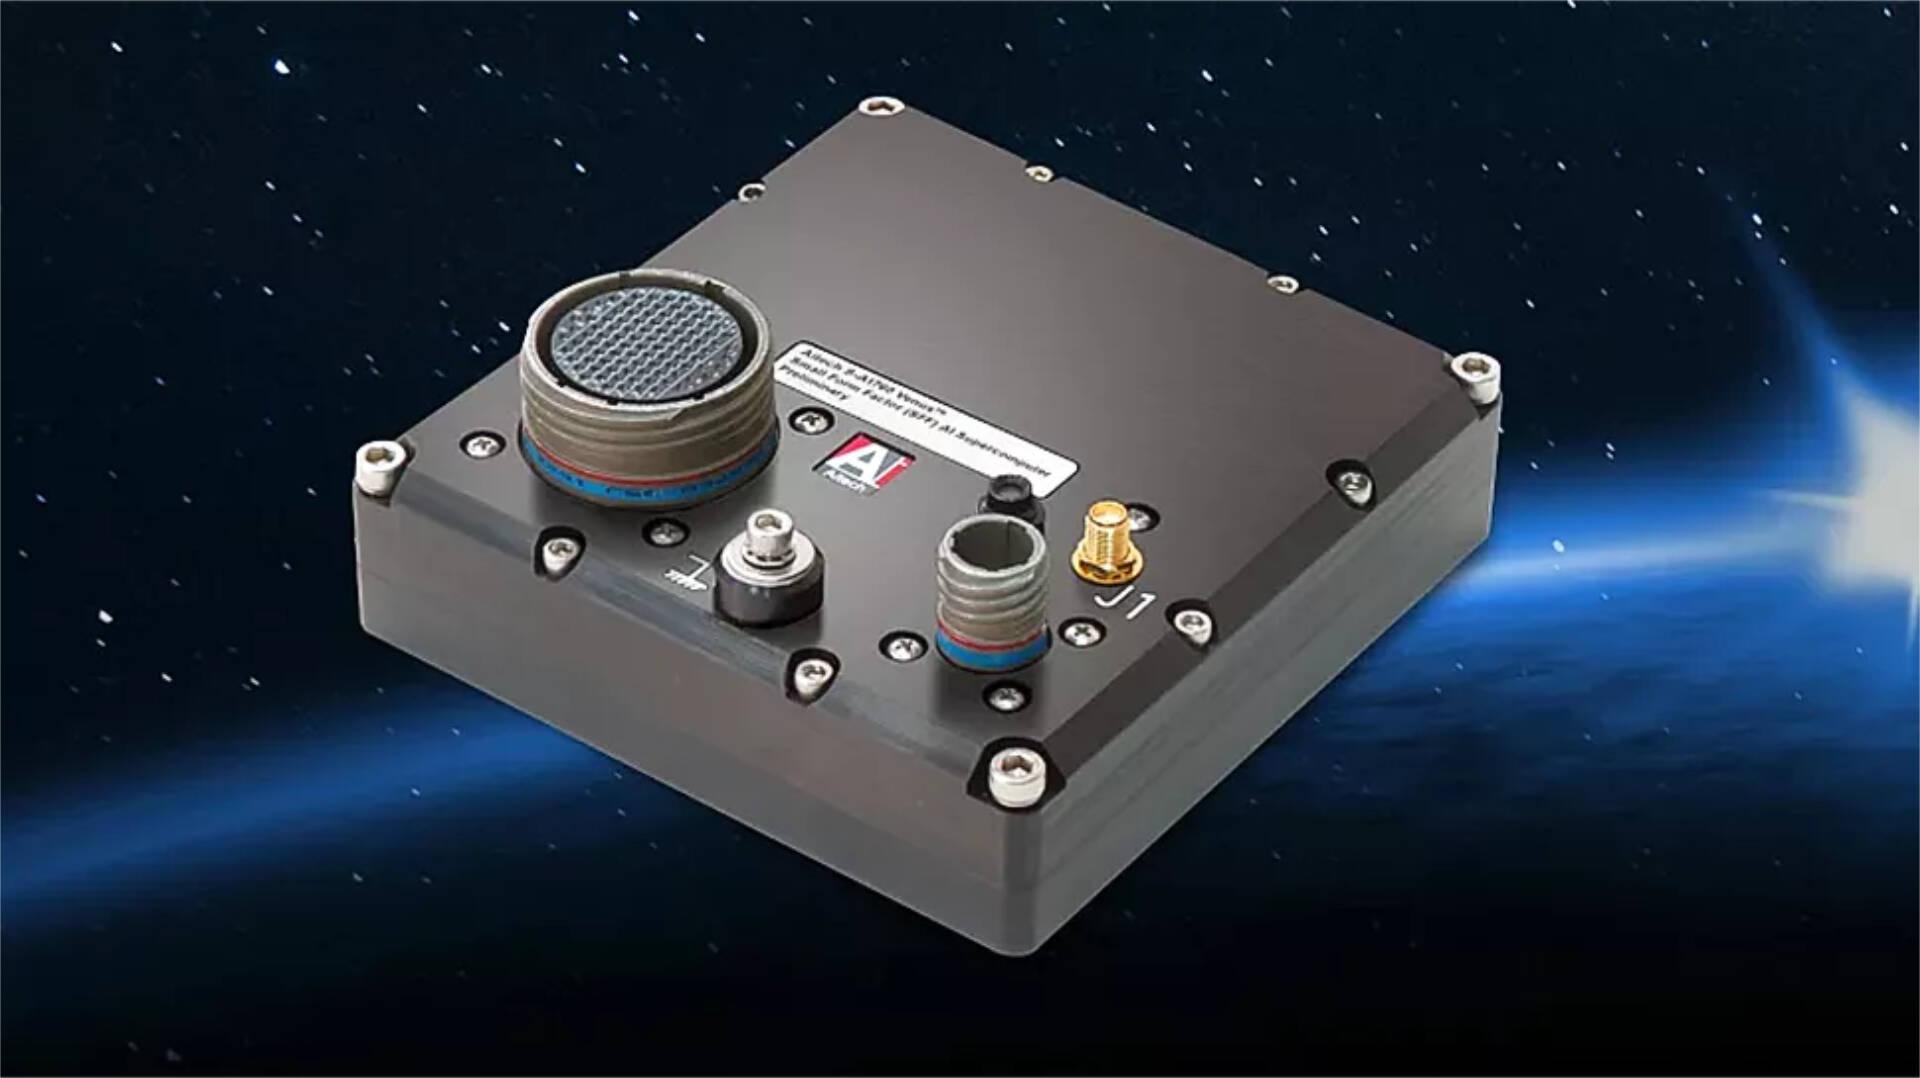 Aitech S-A1760 Venus